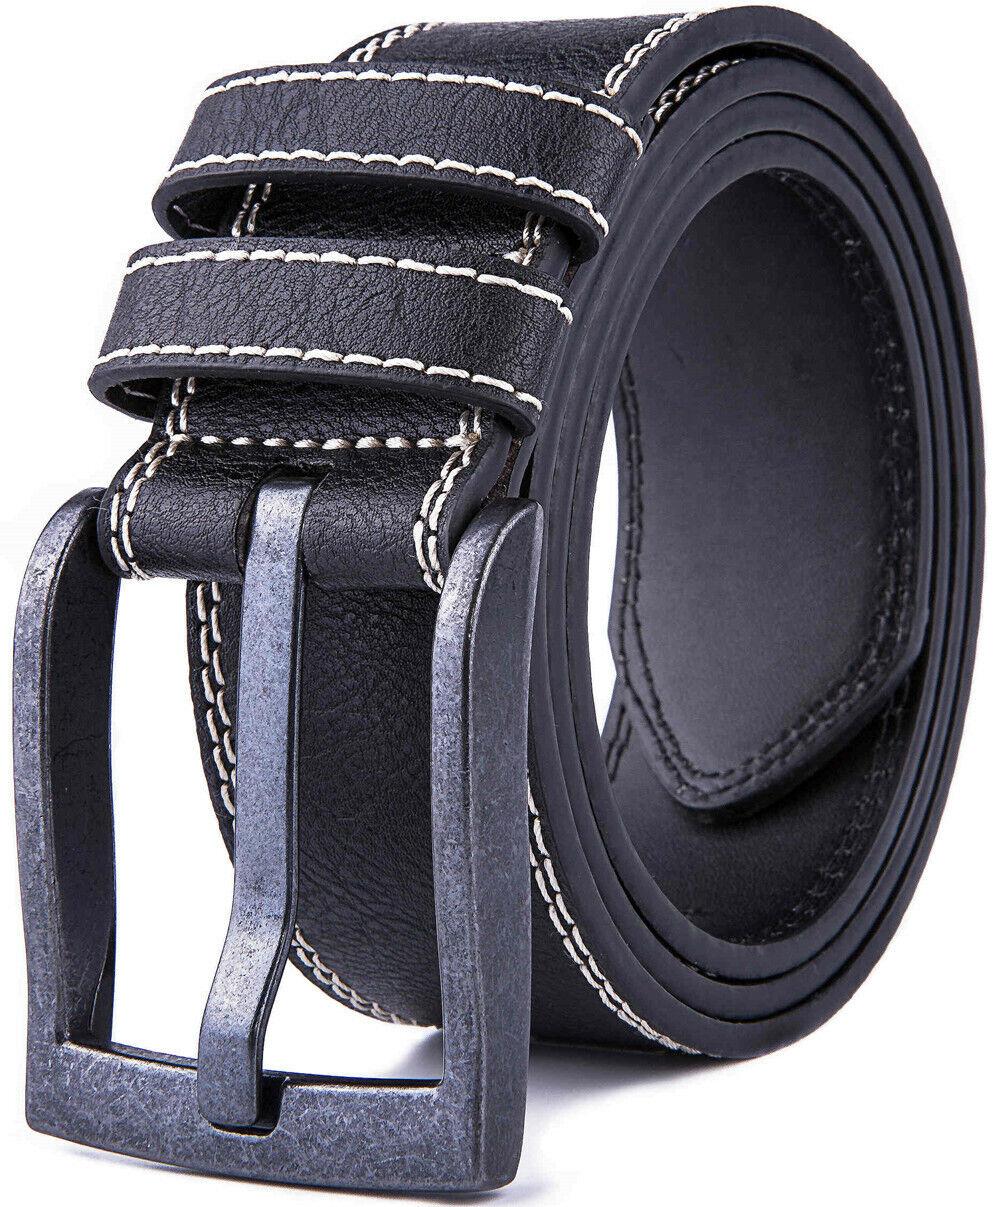 Men's Belts Casual Leather Jeans Belts 1.65″ Wide Belts